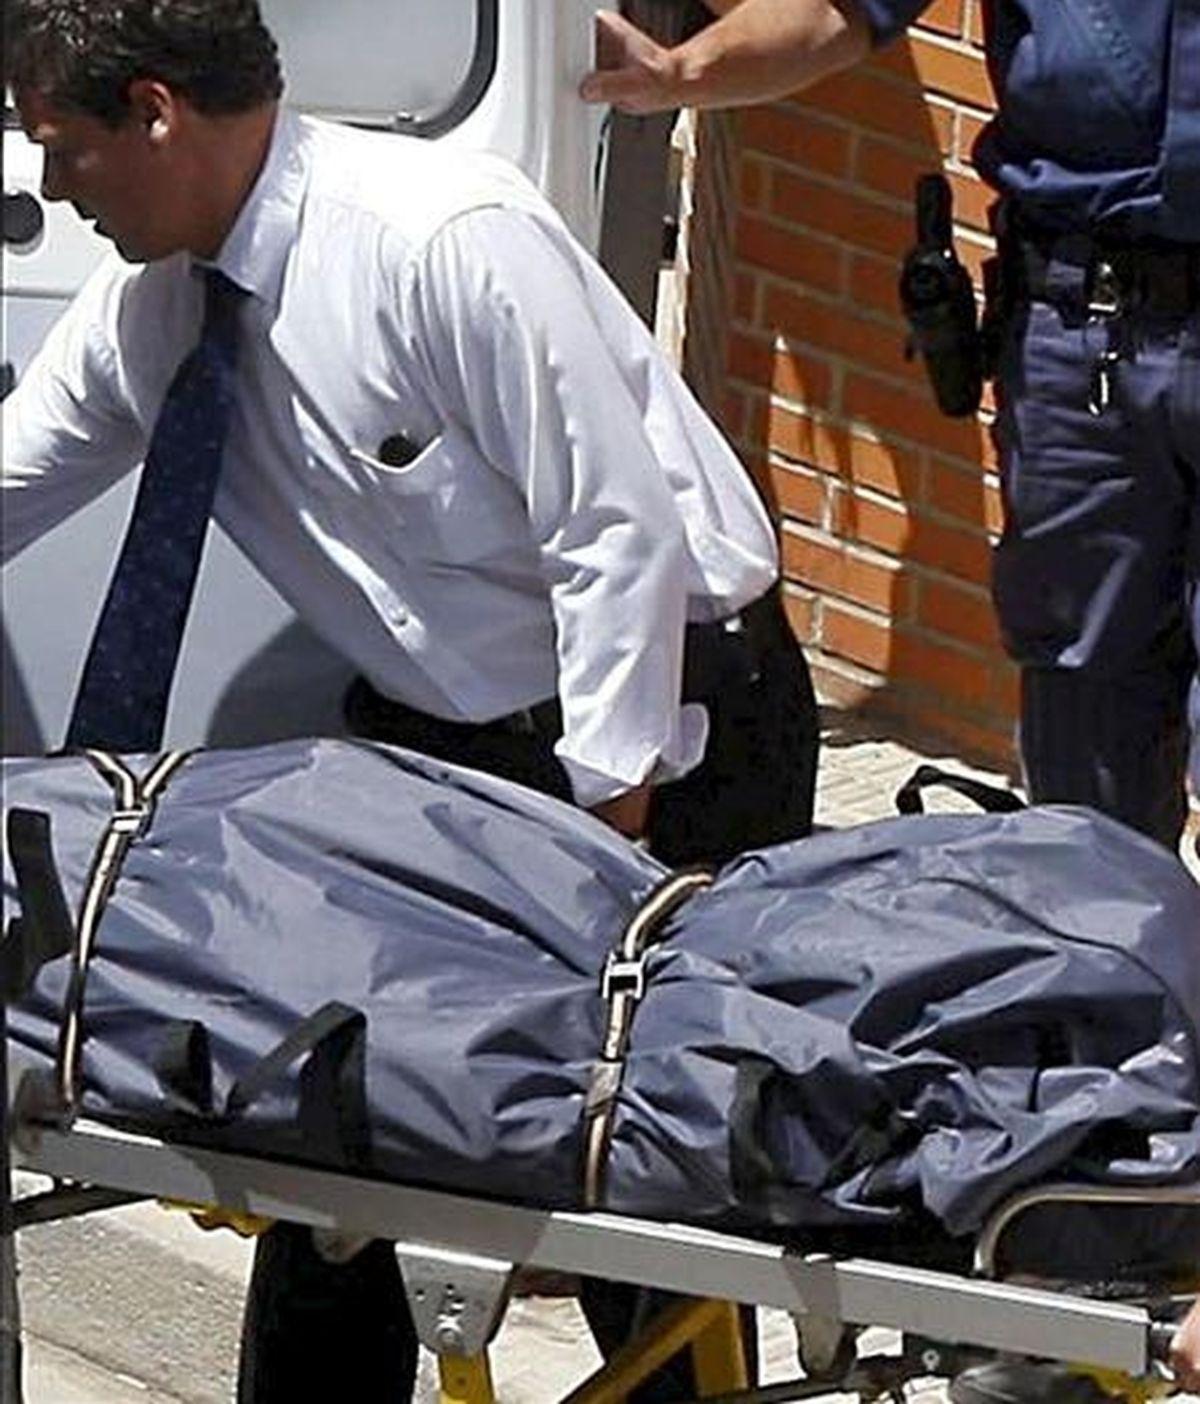 Empleados de los servicios funerarios en el traslado del cadáver de una víctima de violencia machista. EFE/Archivo